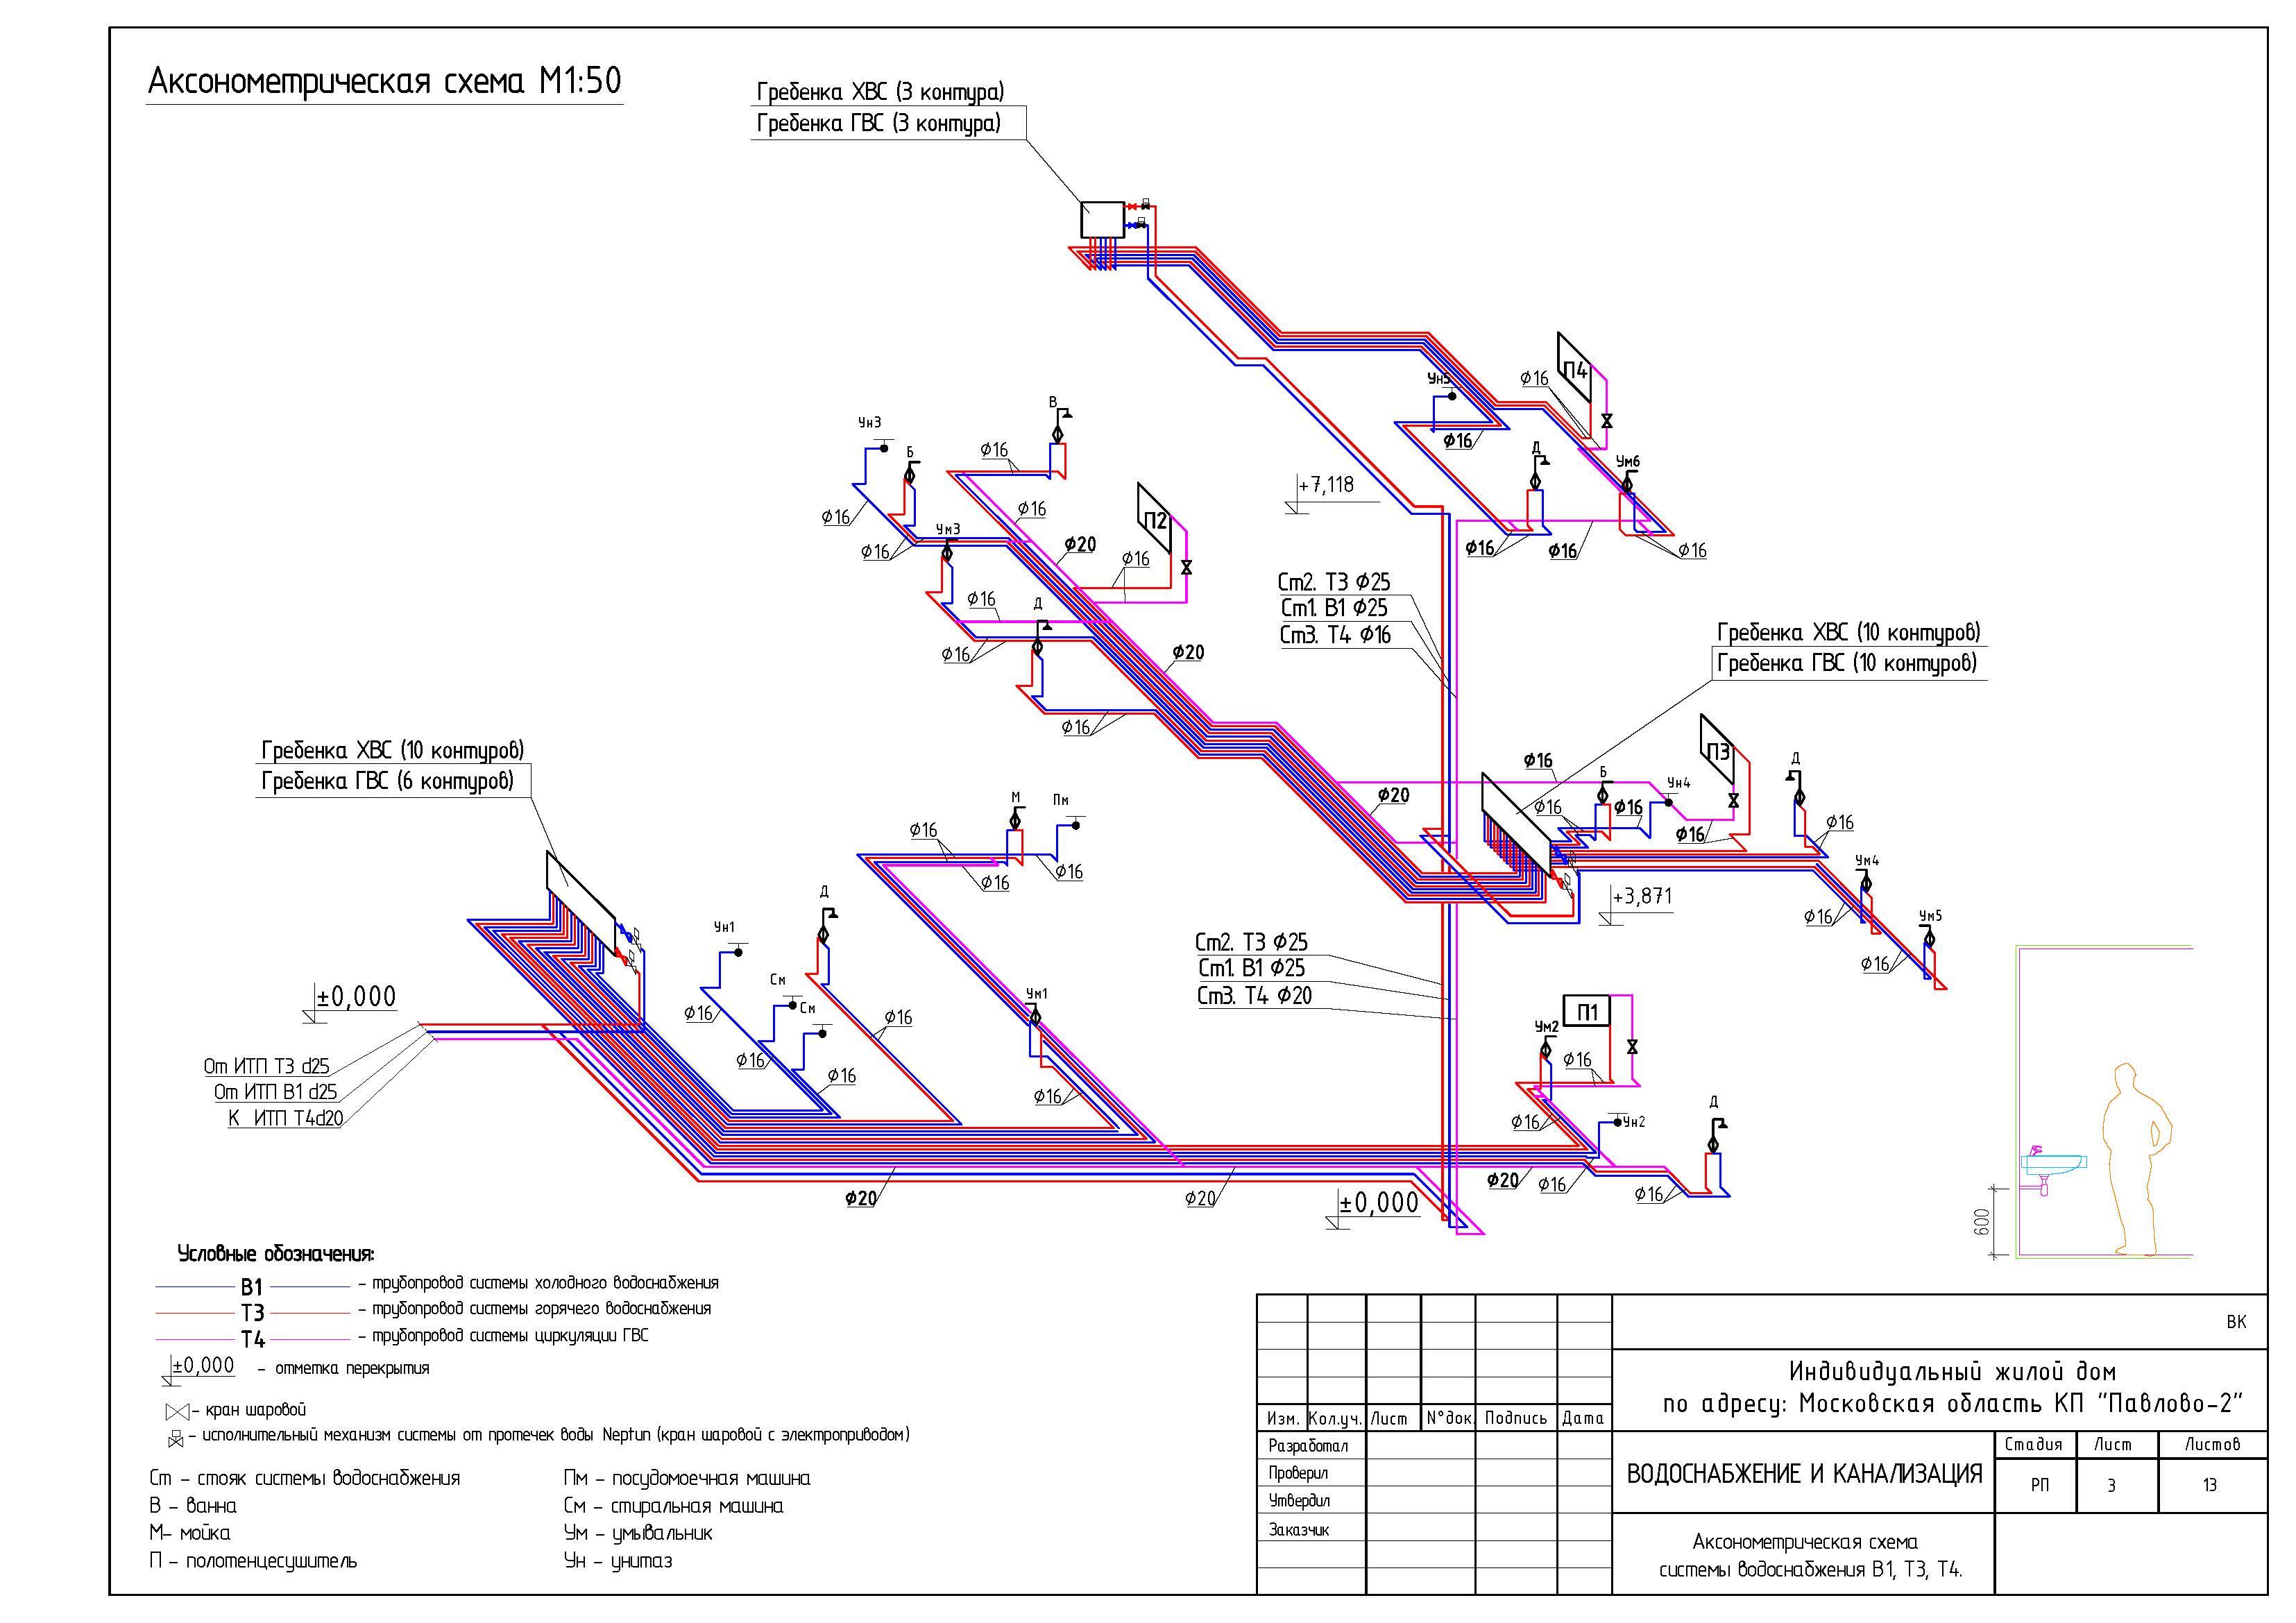 Рабочая документация кондиционирование. аксонометрическая схема отопления и вентиляции